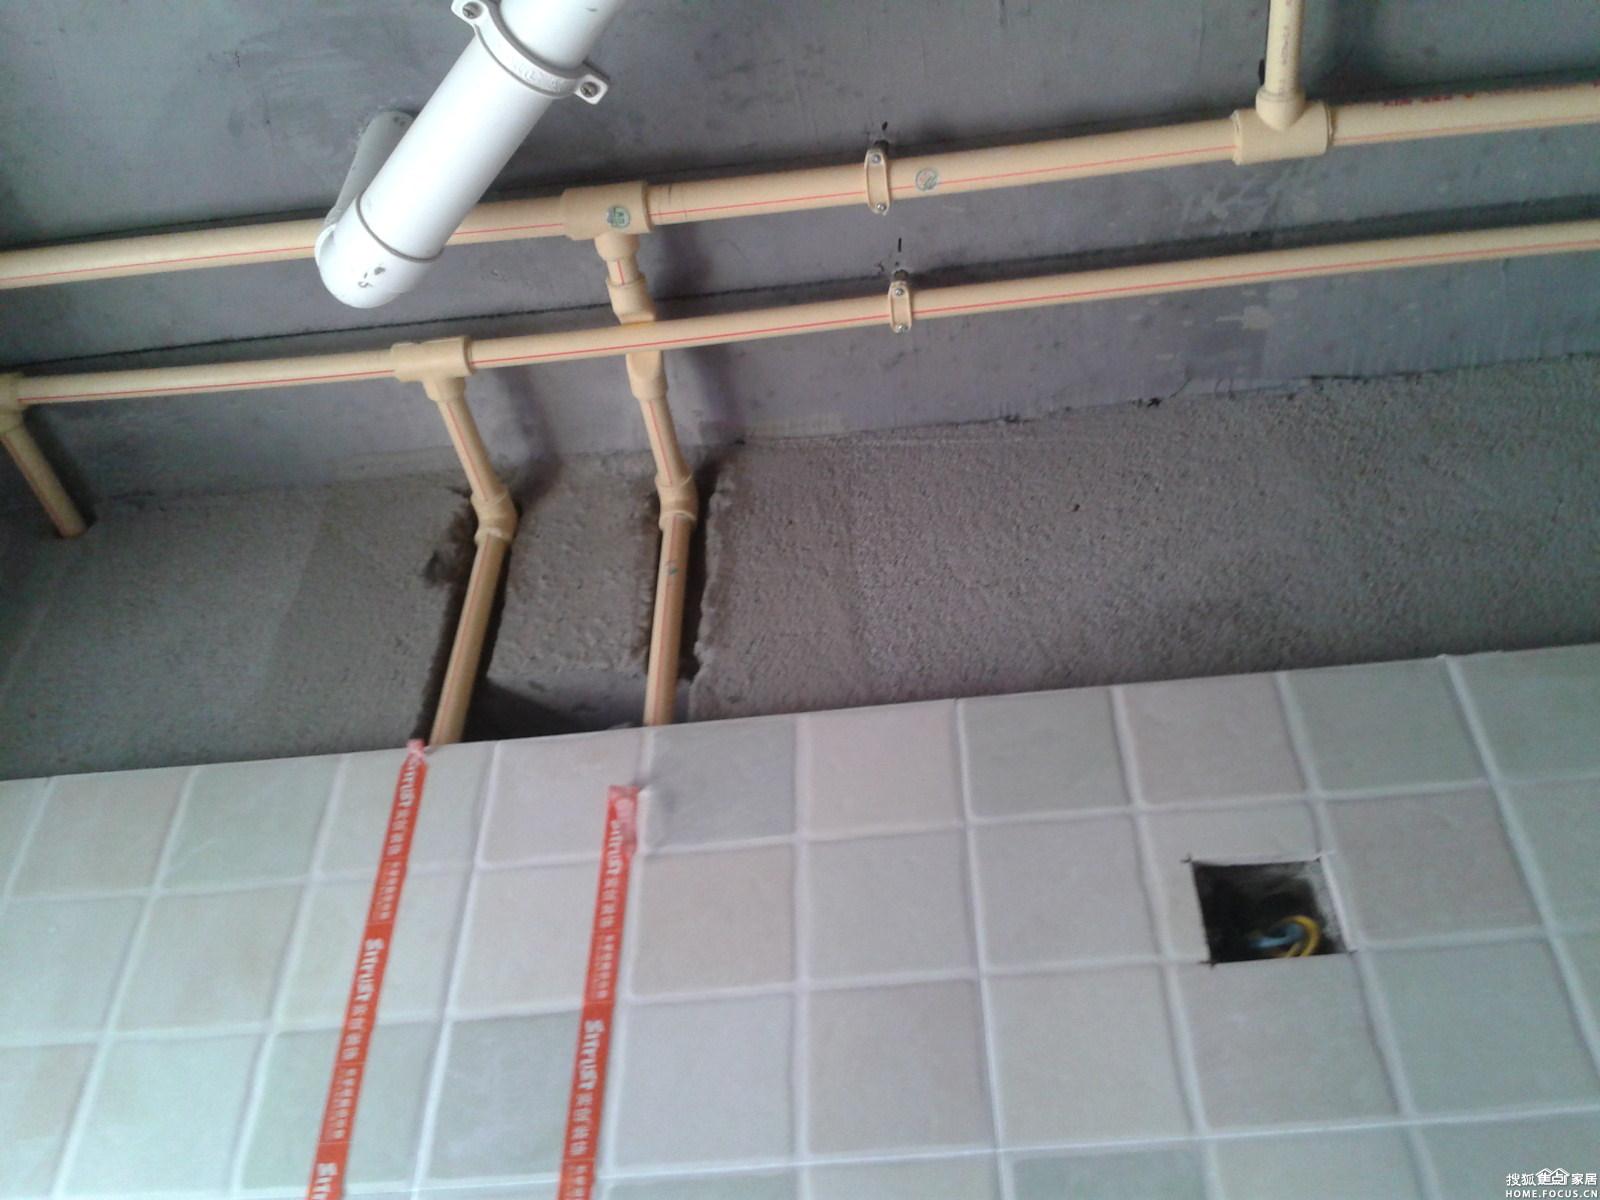 ...走顶理由是减少对地面防水层的破坏便于维修检查.装饰公司...